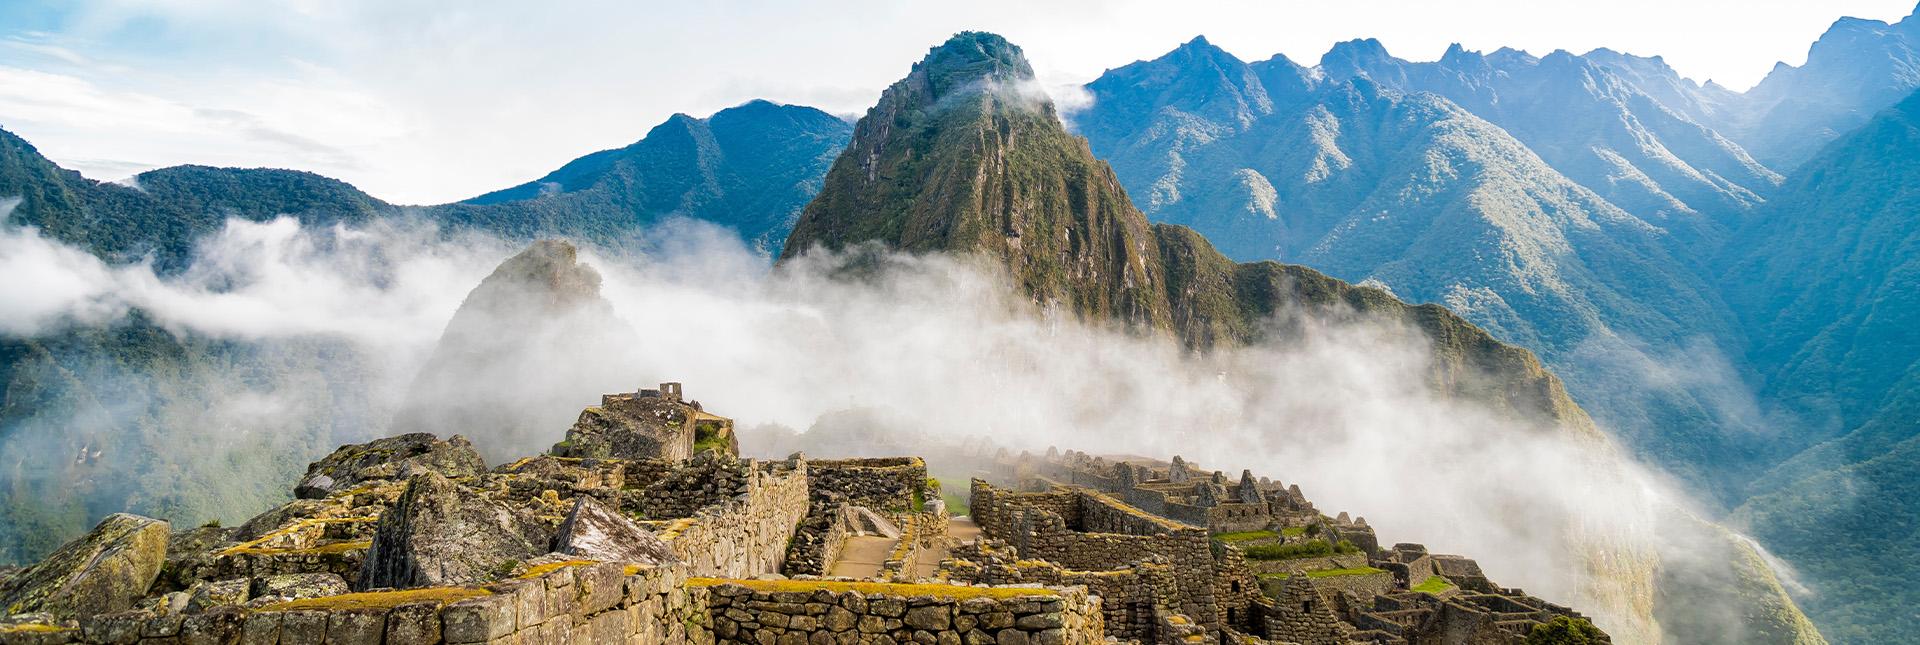 Machu Picchu behind clouds